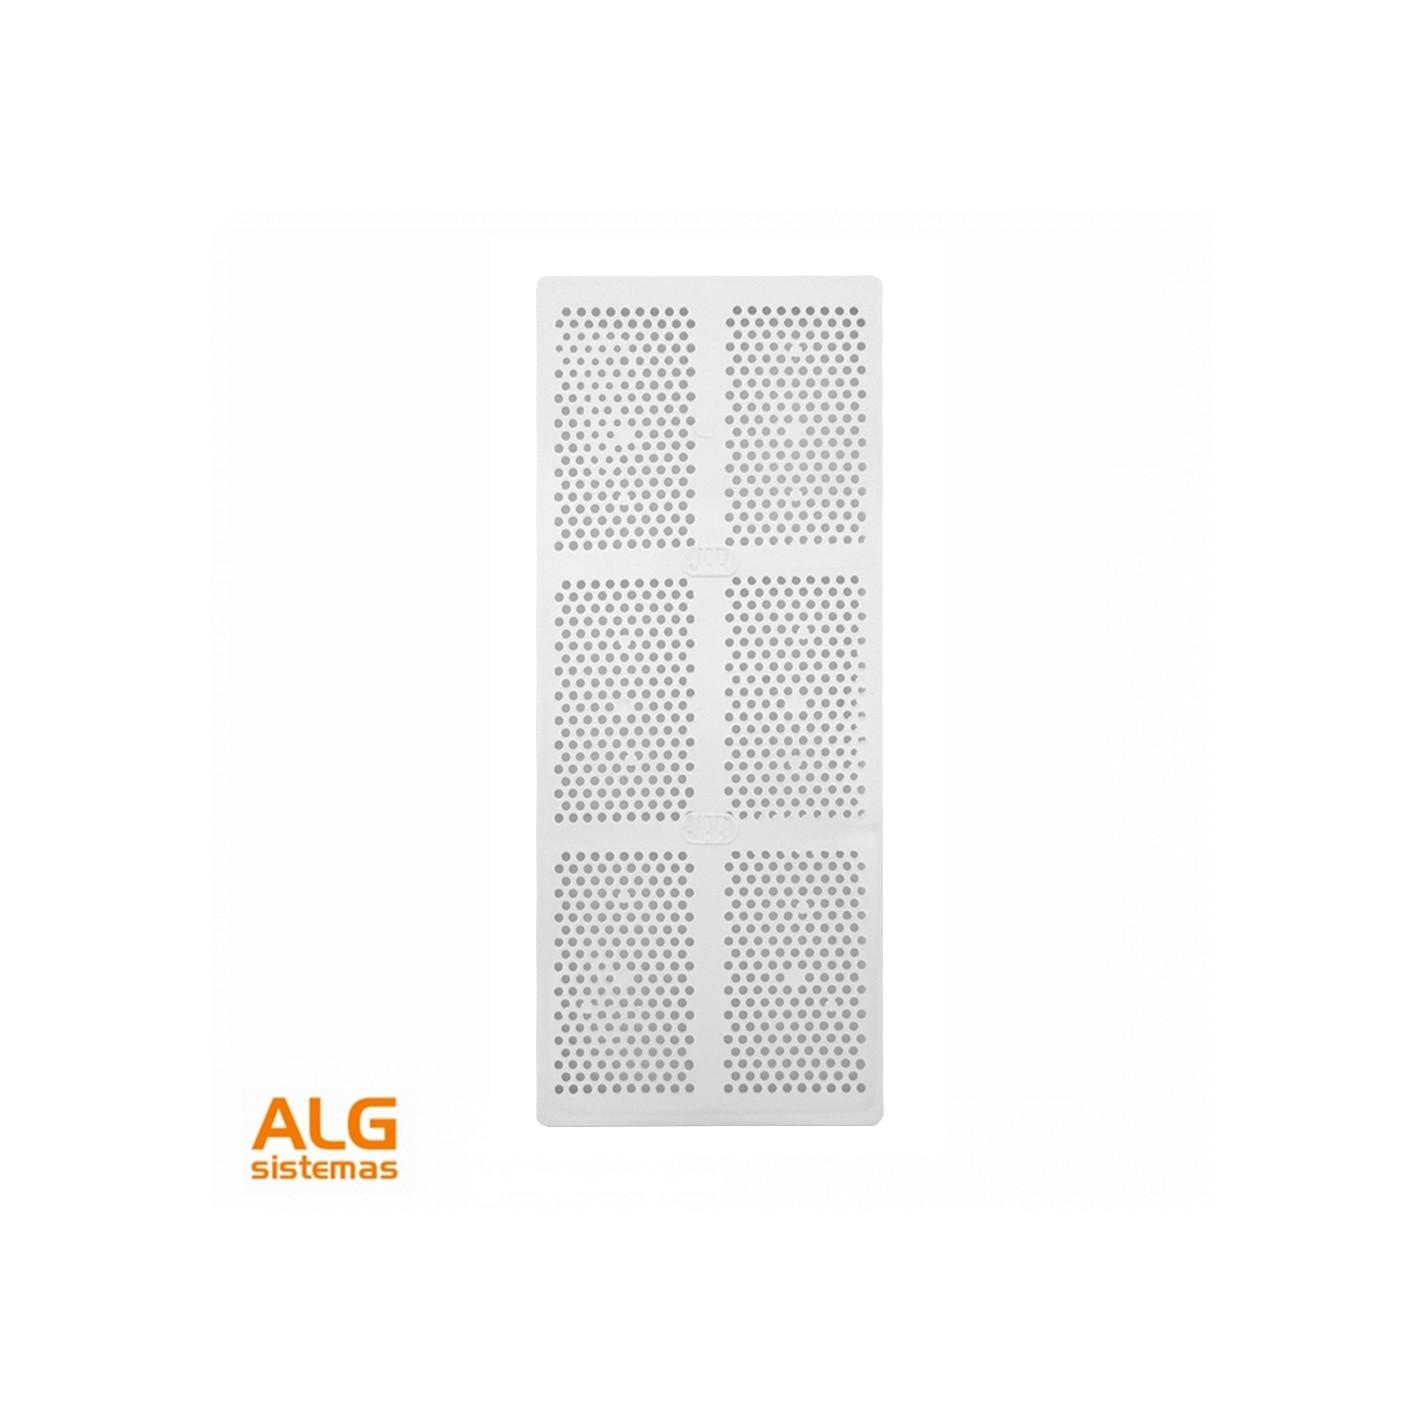 Rejillas De Ventilacion Para Baños | Rejilla Ventilacion Bano Pvc 9 8x22 5 Cm Con Marco Alg Sistemas